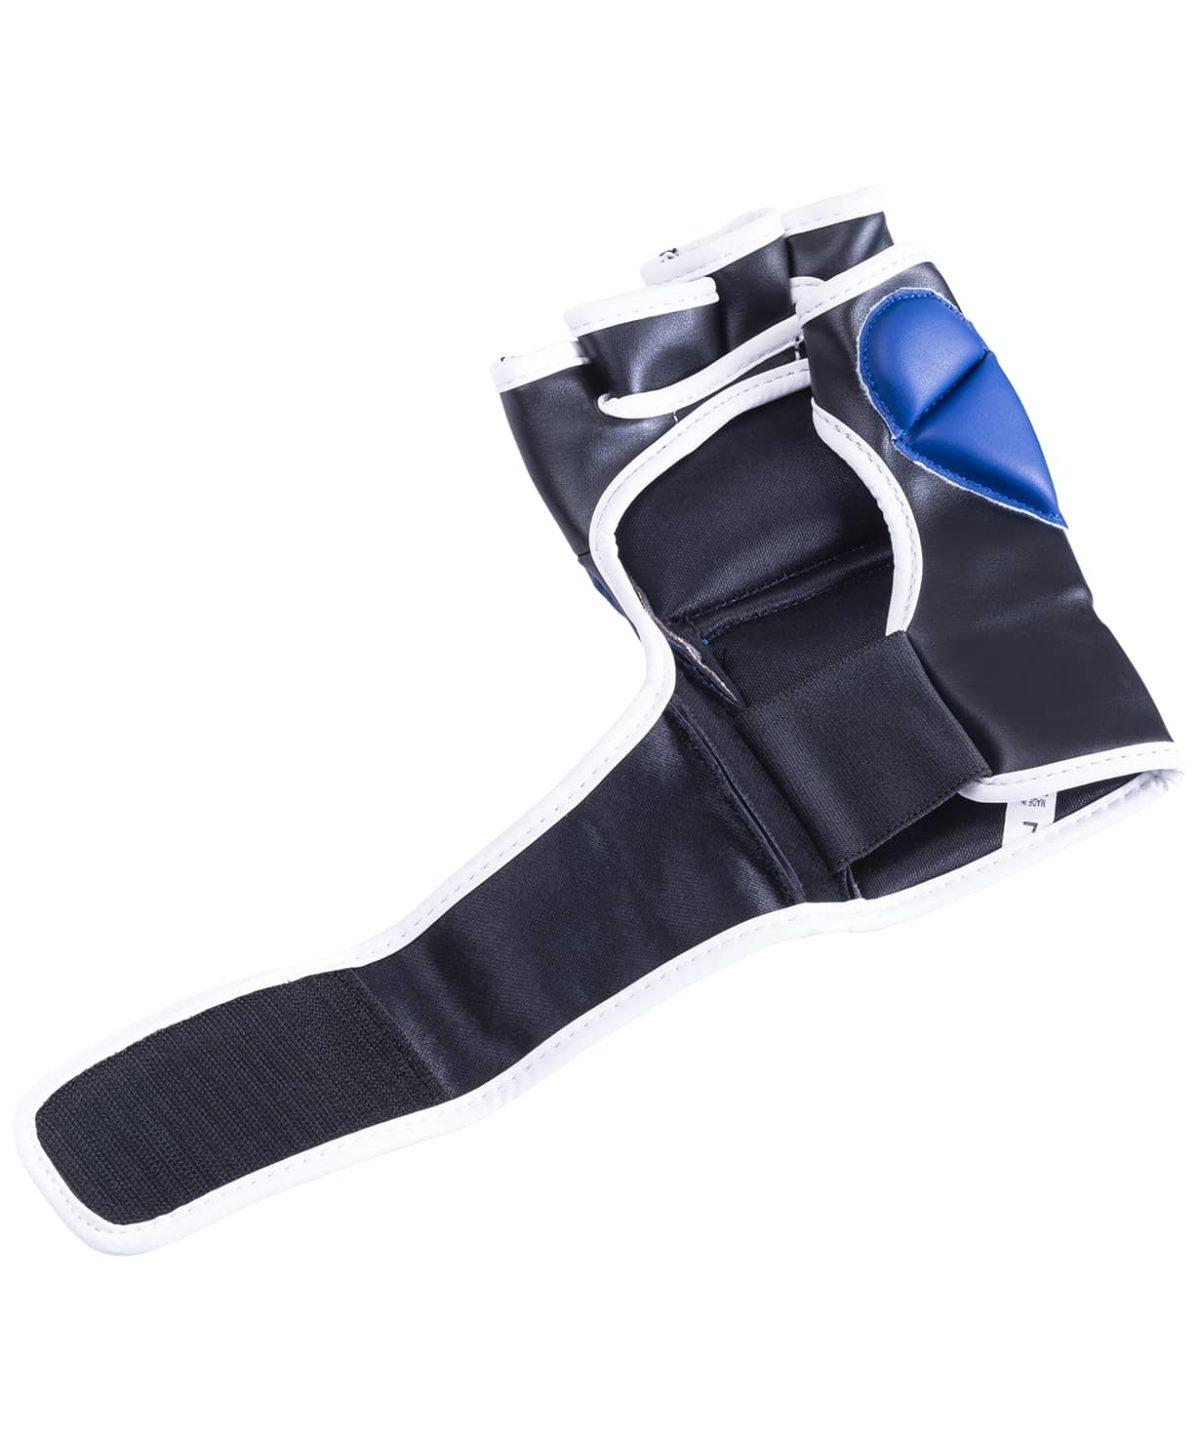 KSA Перчатки для ММА Wasp Blu, к/з 7850 - 4